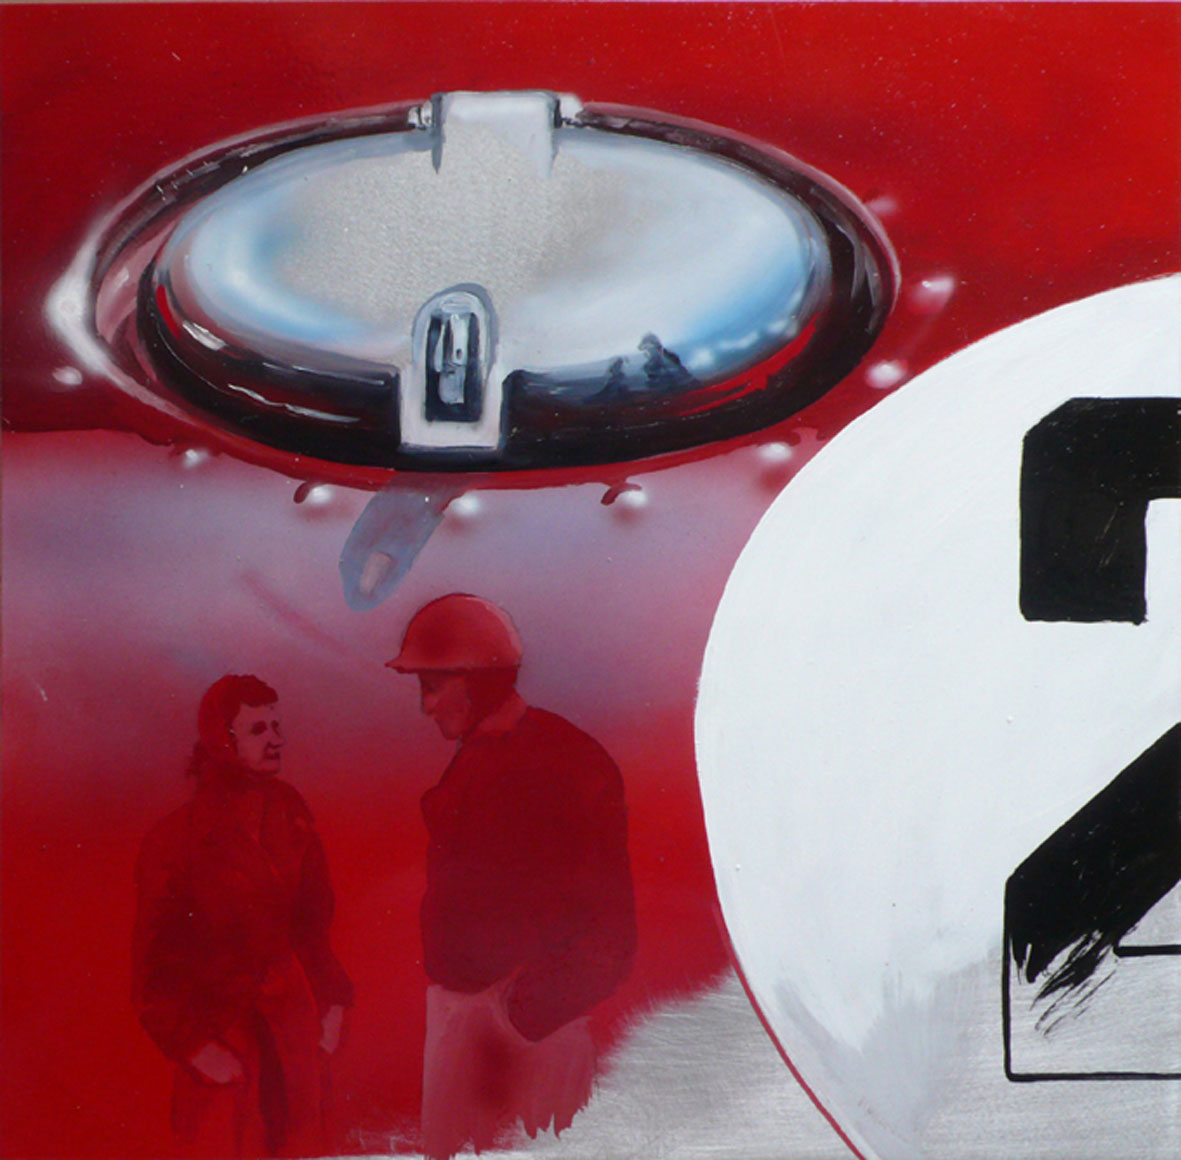 Fluel cap. 2012 - 30x30 - private collection